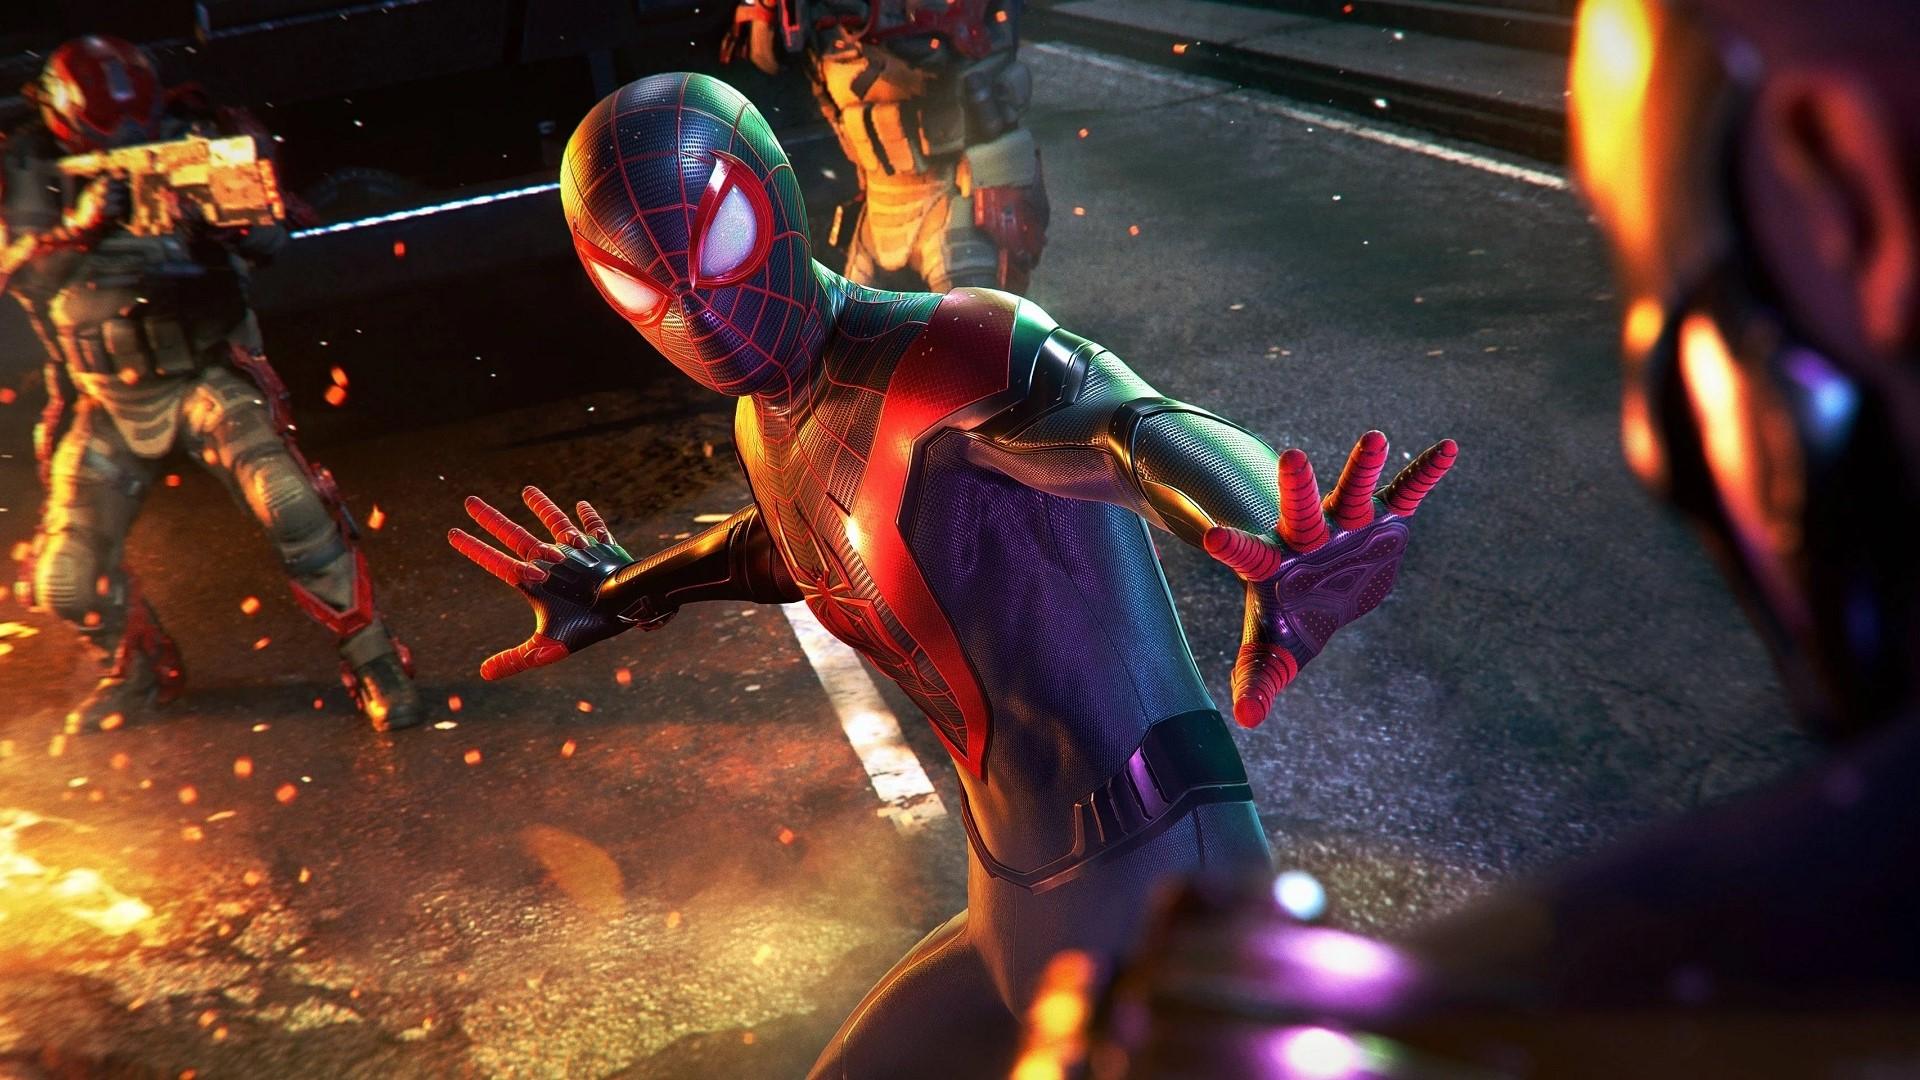 marvels spider miles morales